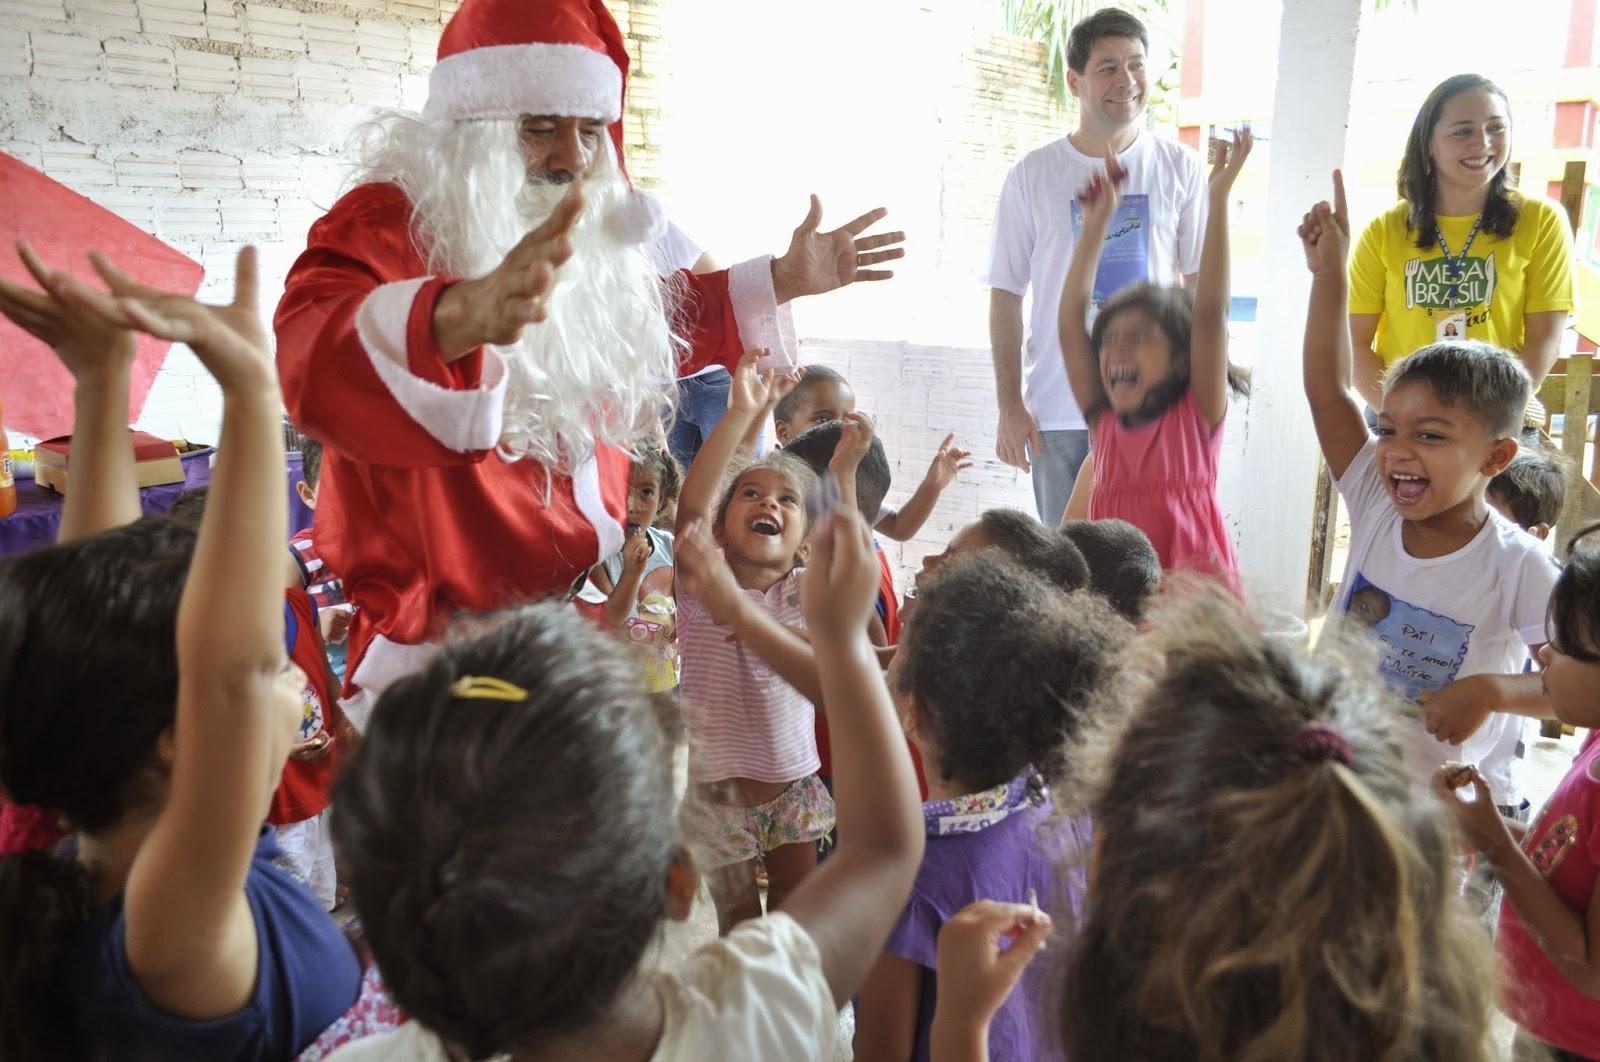 Mesa Brasil e Singaro realizam ação solidária natalina 3cb902a6d7060